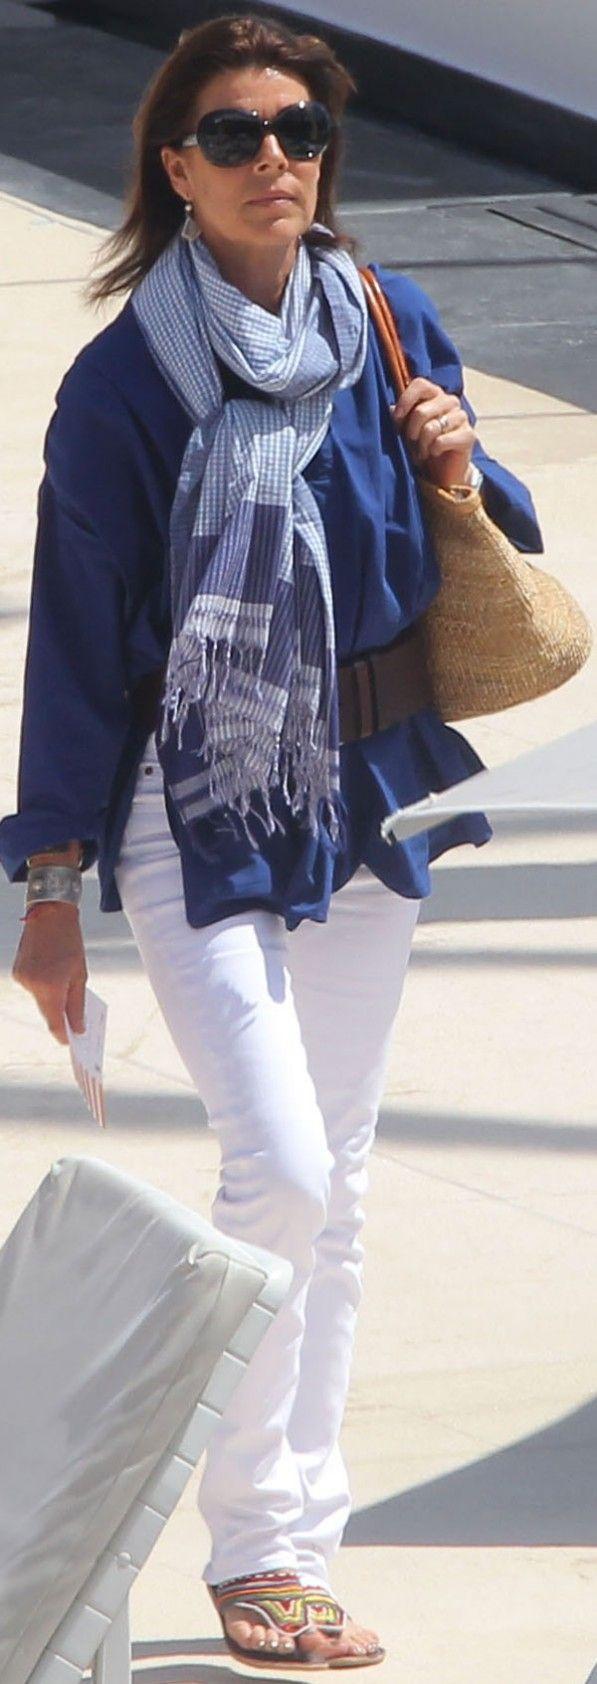 Maxi foulard |Carolina de Mónaco cumple 57 convertida en la abuela más chic del mundo: revisamos sus looks